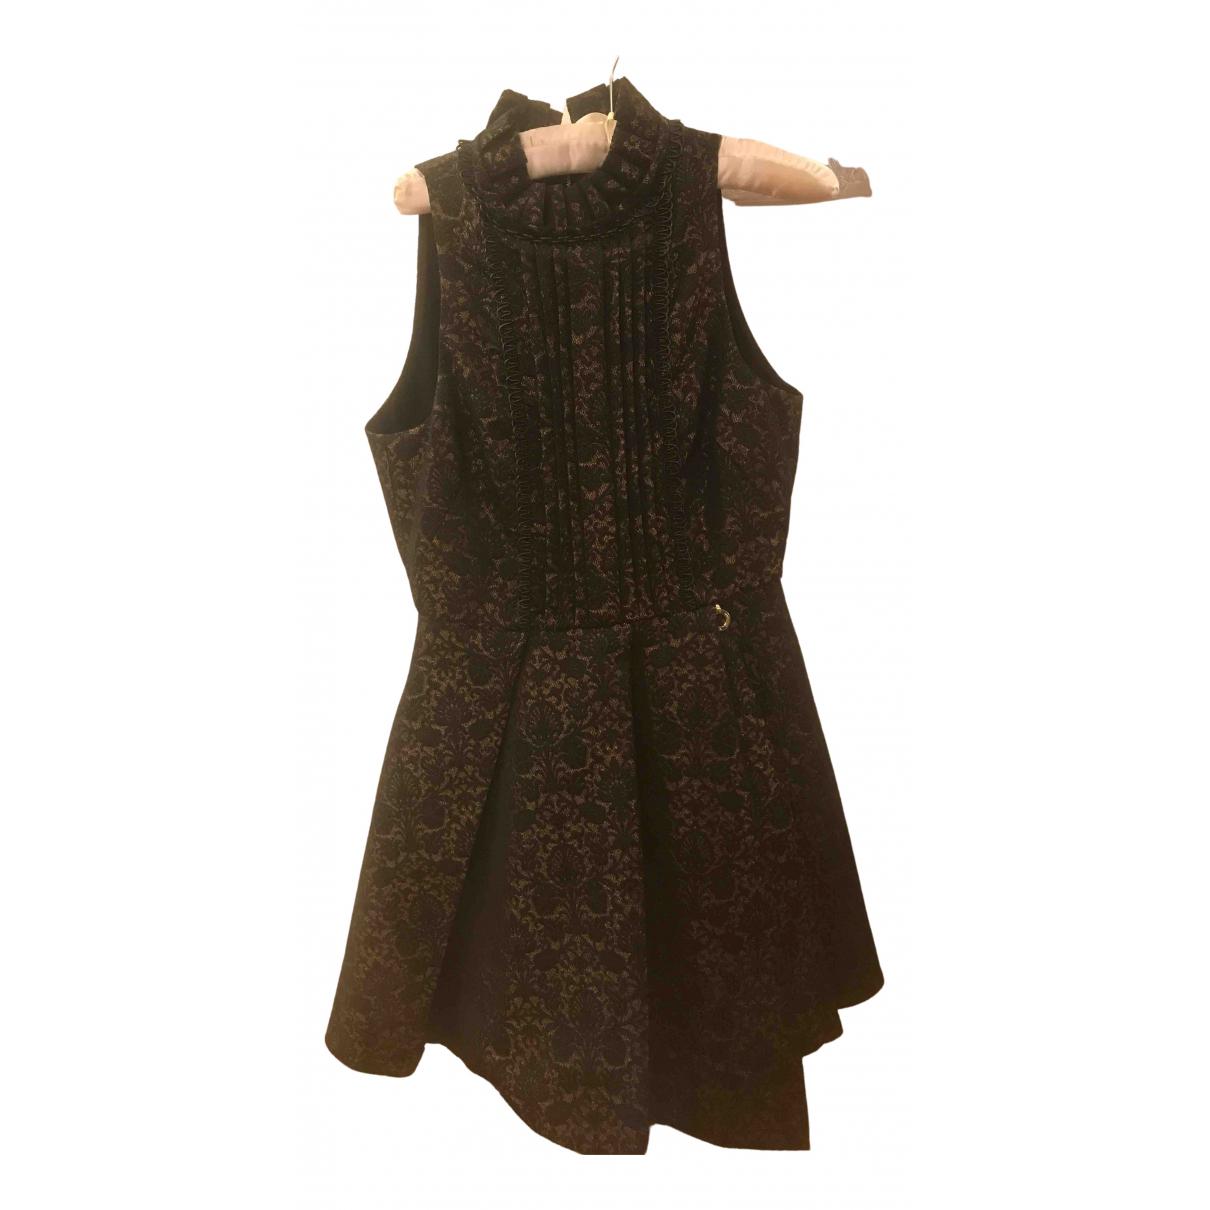 Mangano \N Kleid in  Braun Polyester